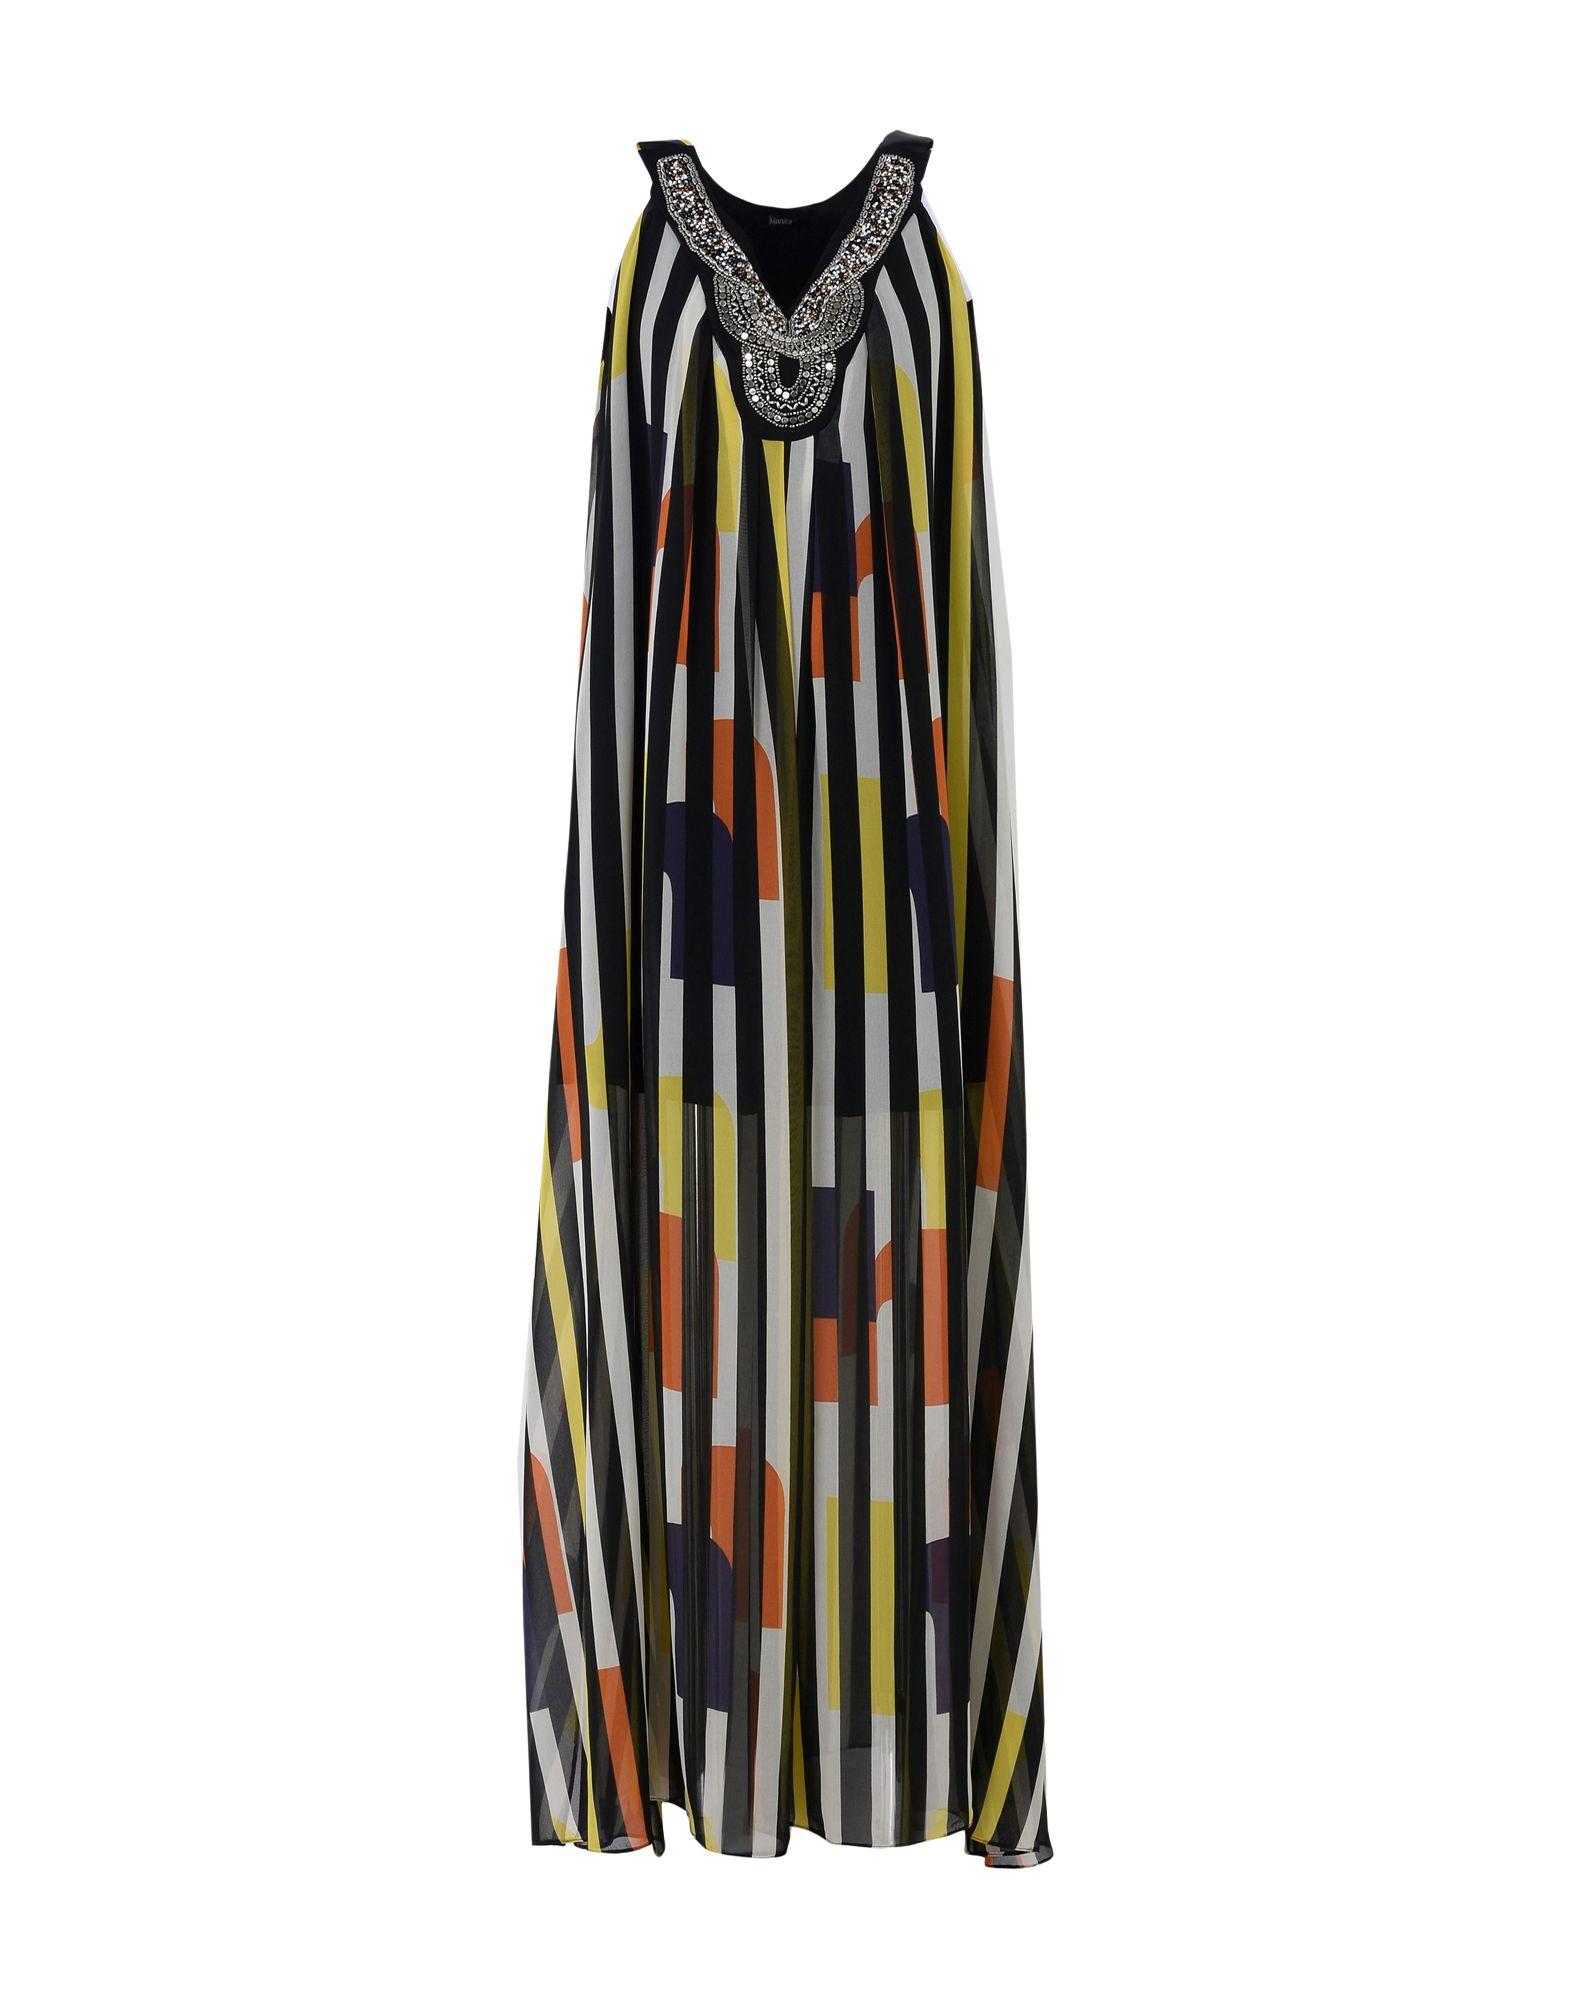 HANITA Длинное платье платье длинное без рукавов из кружева bina